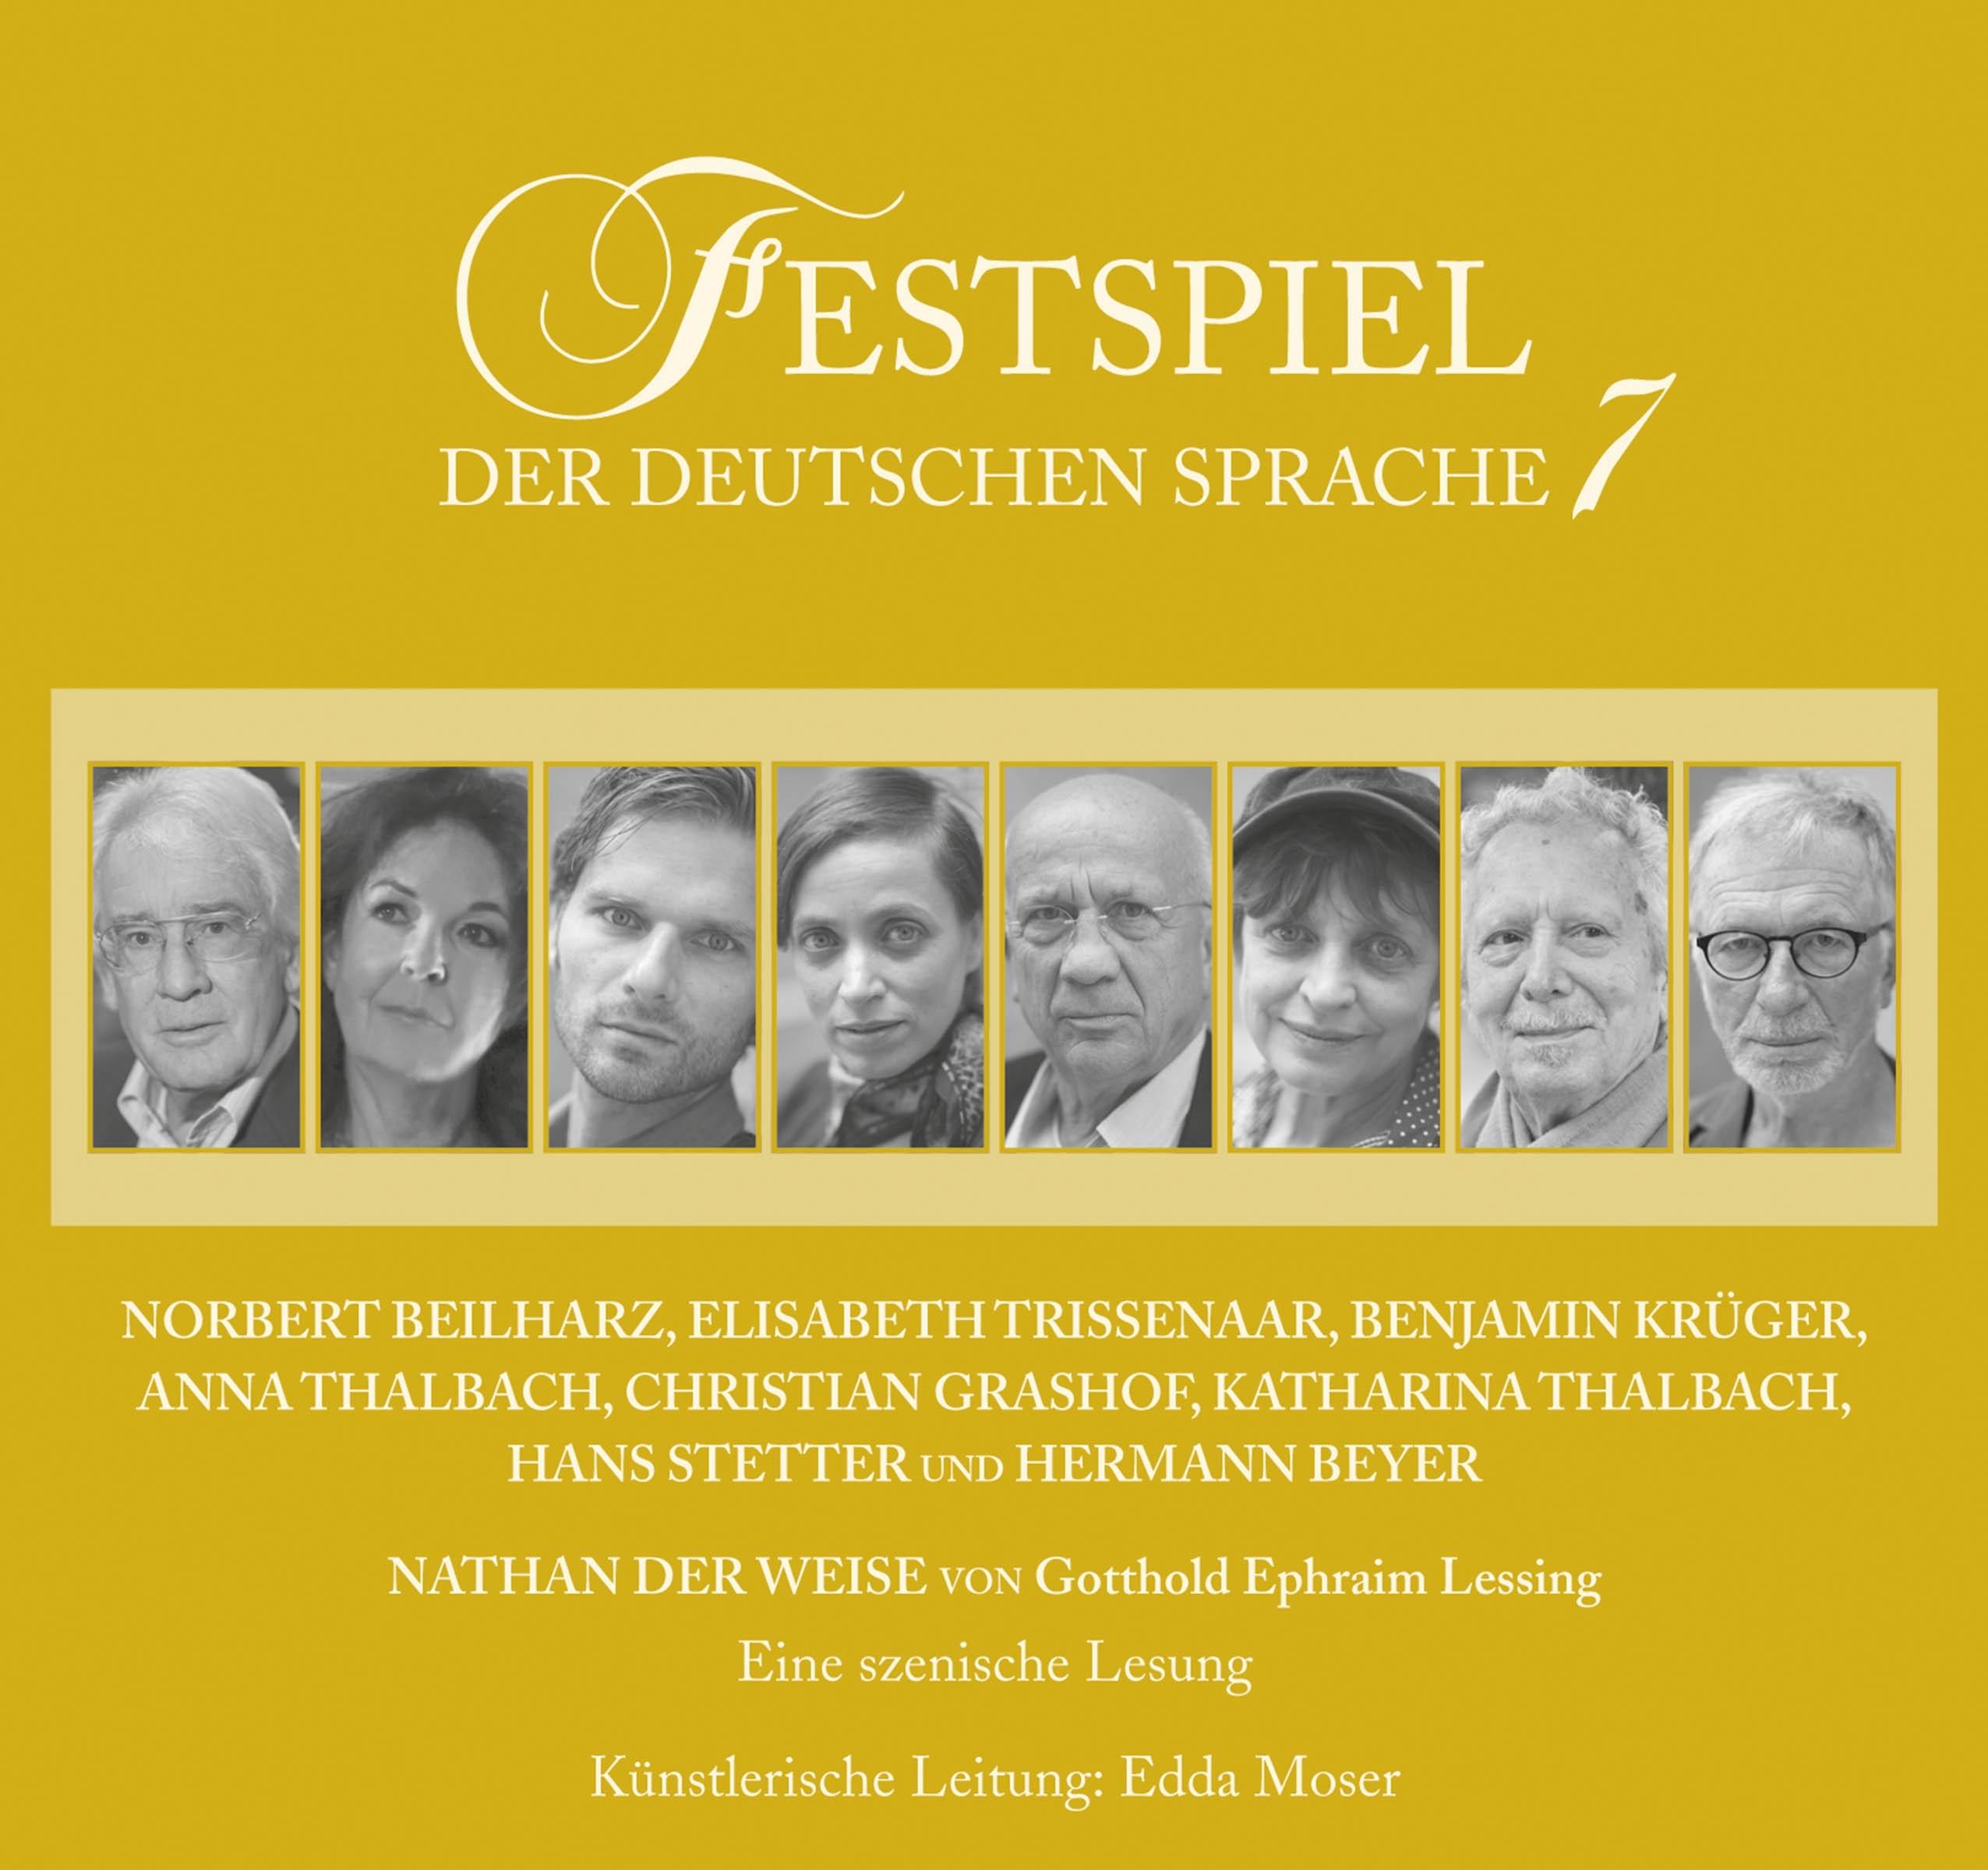 Festspiel der deutschen Sprache - 7 - Nathan der Weise